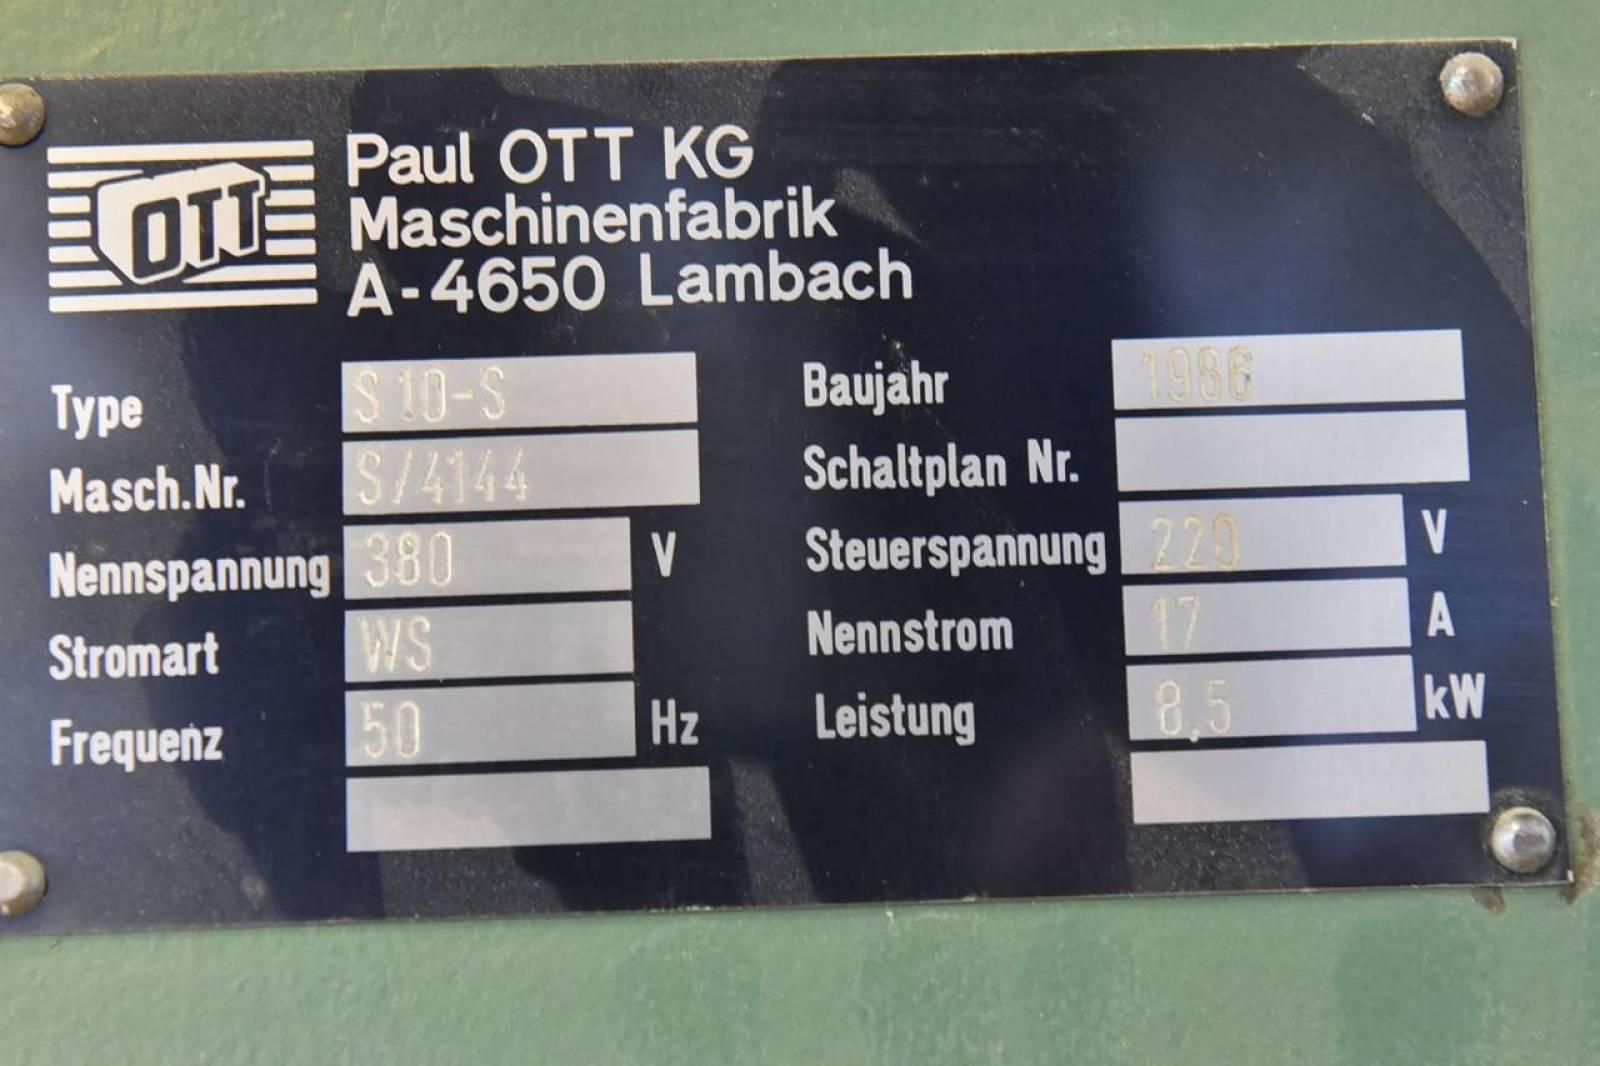 Charmant 1987 S10 Blazer Schaltpläne Fotos - Elektrische Schaltplan ...